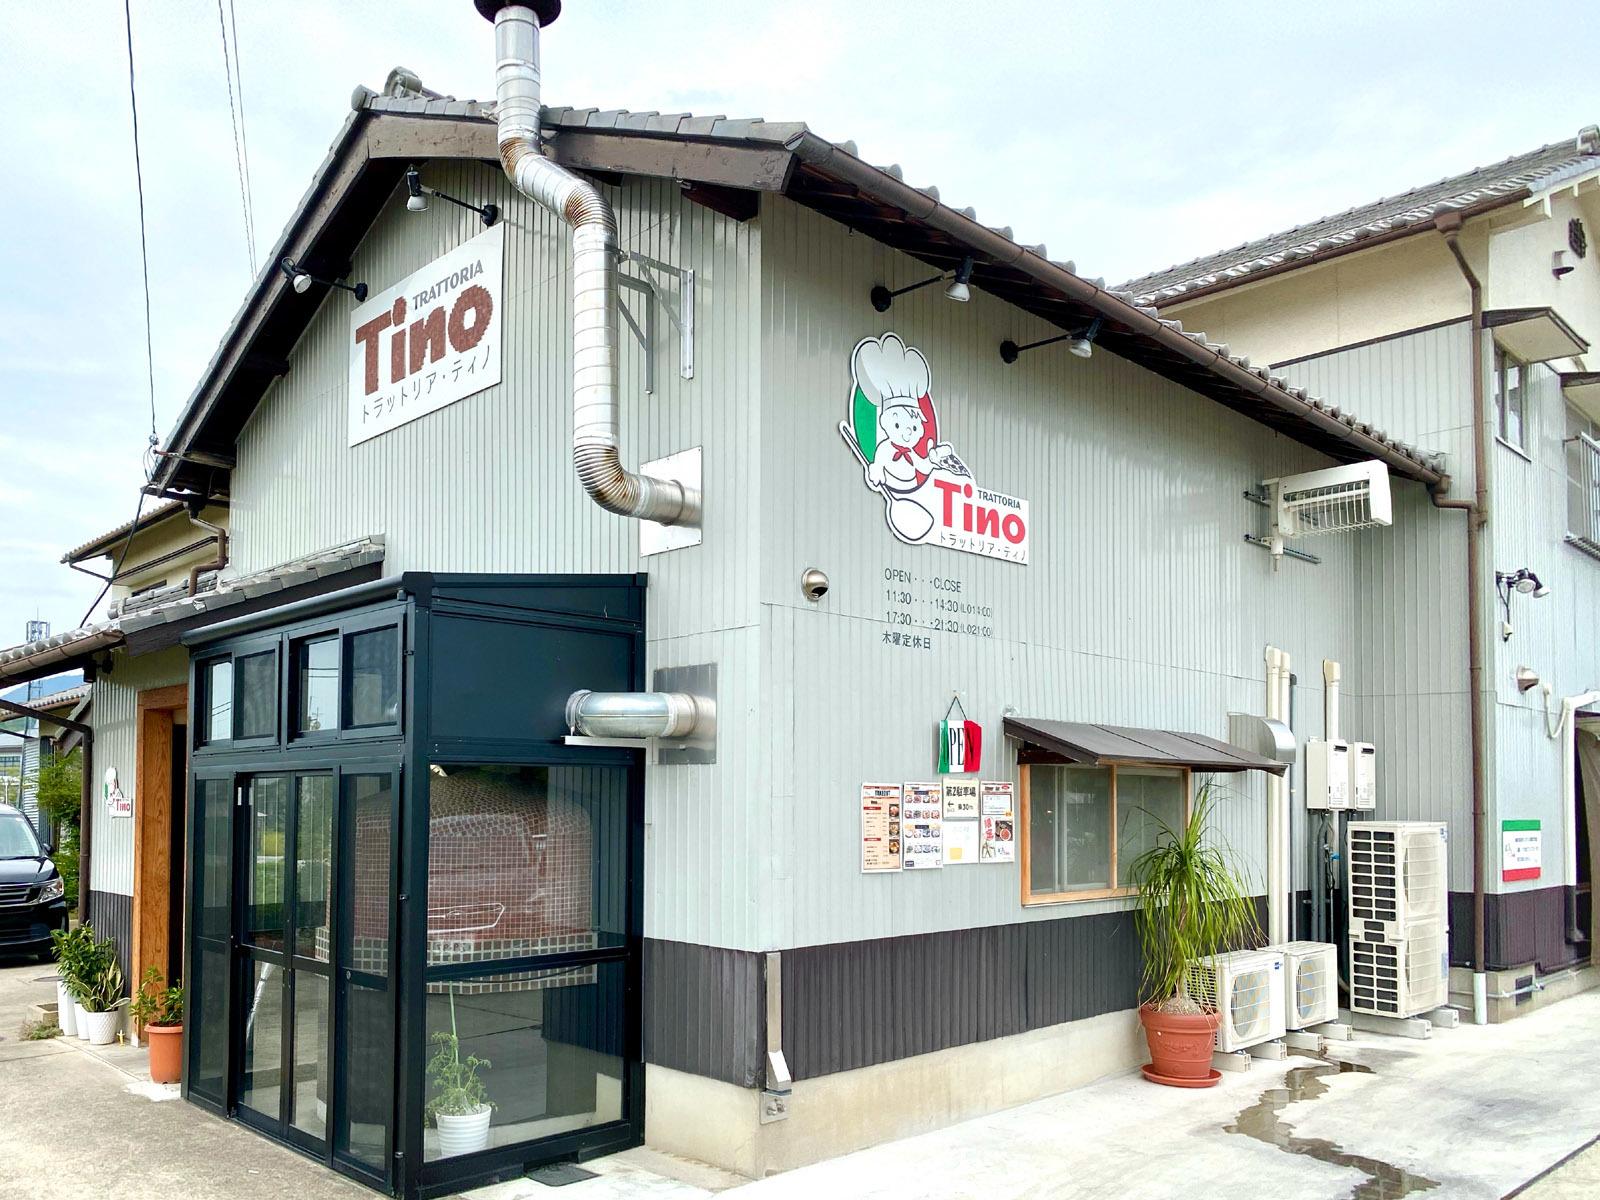 トラットリア ティノ